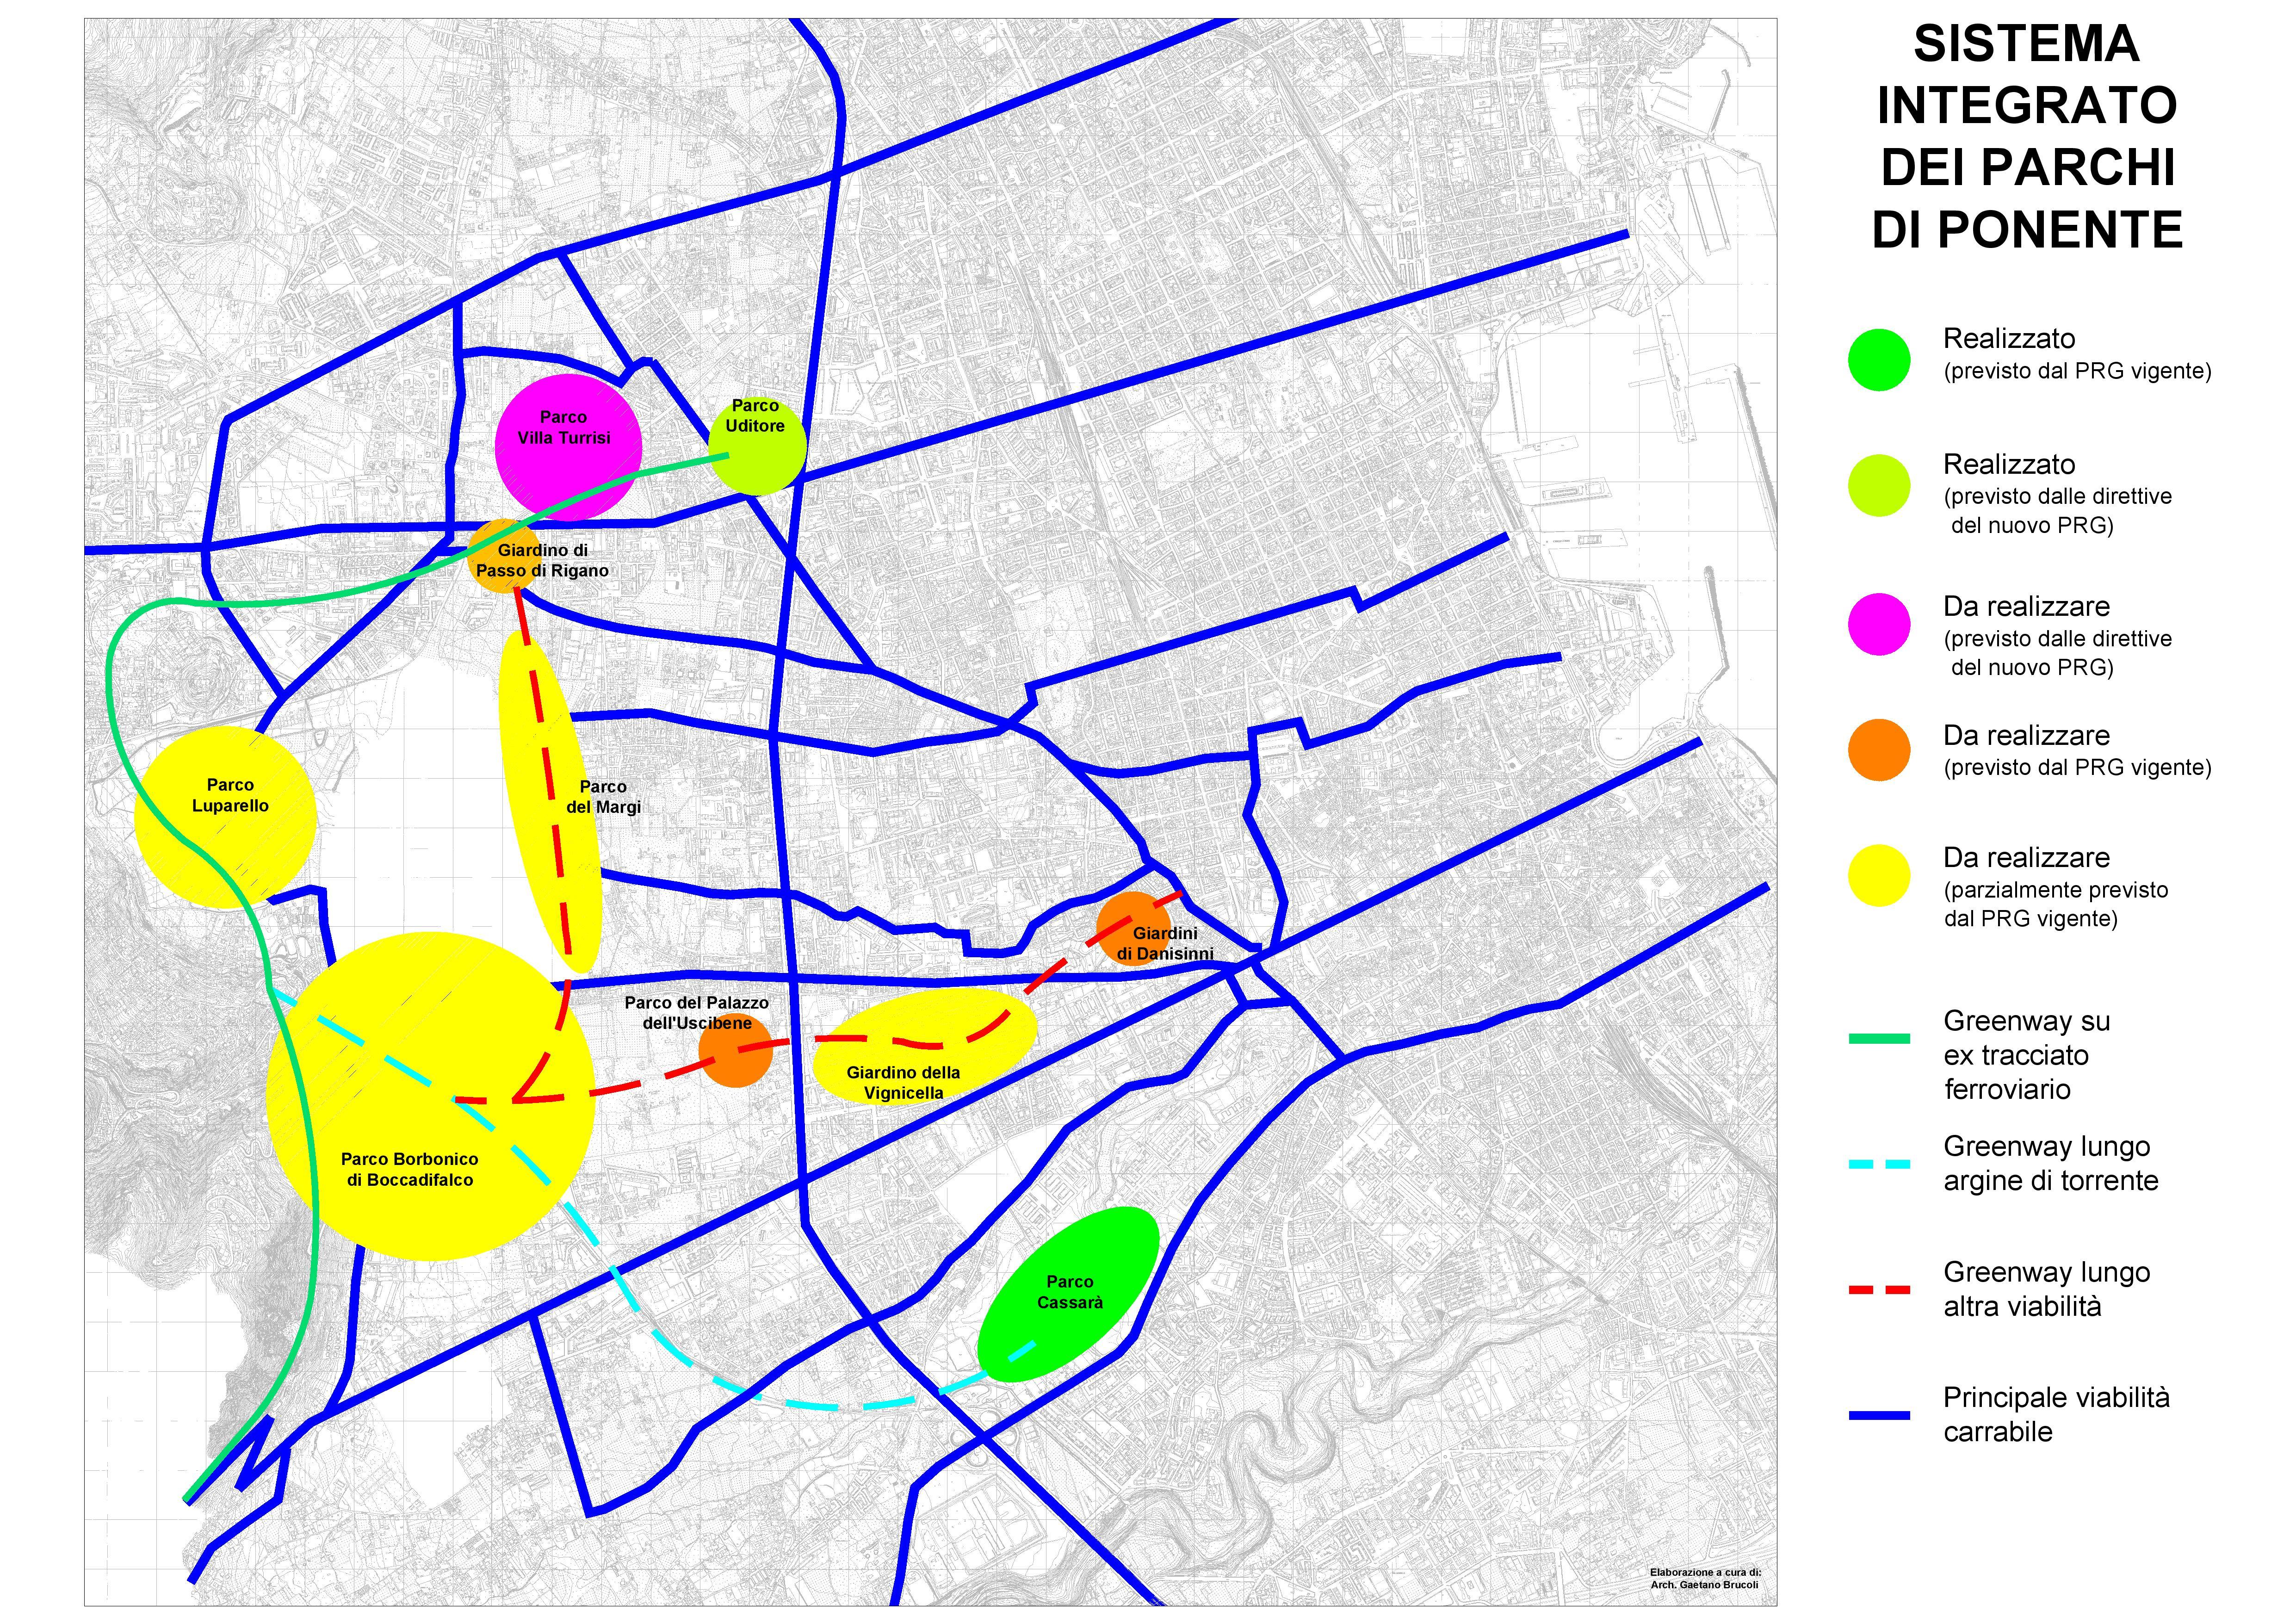 29-06-2014 Tavola Sistema parchi di ponente- maggio 2014-page-001